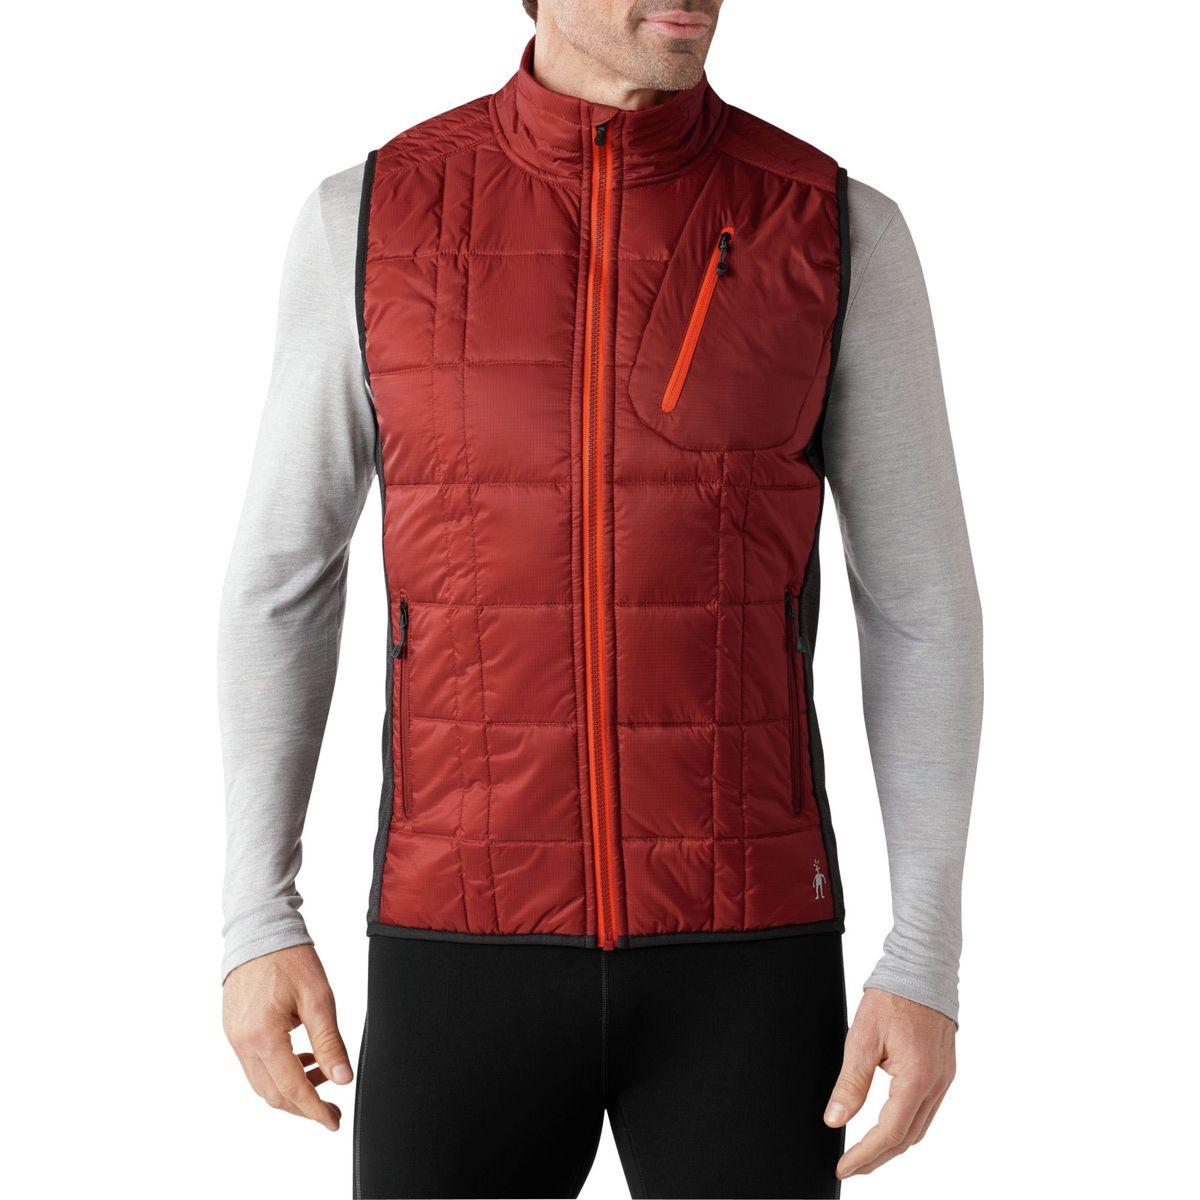 SmartWool Corbet 120 Vest - Men